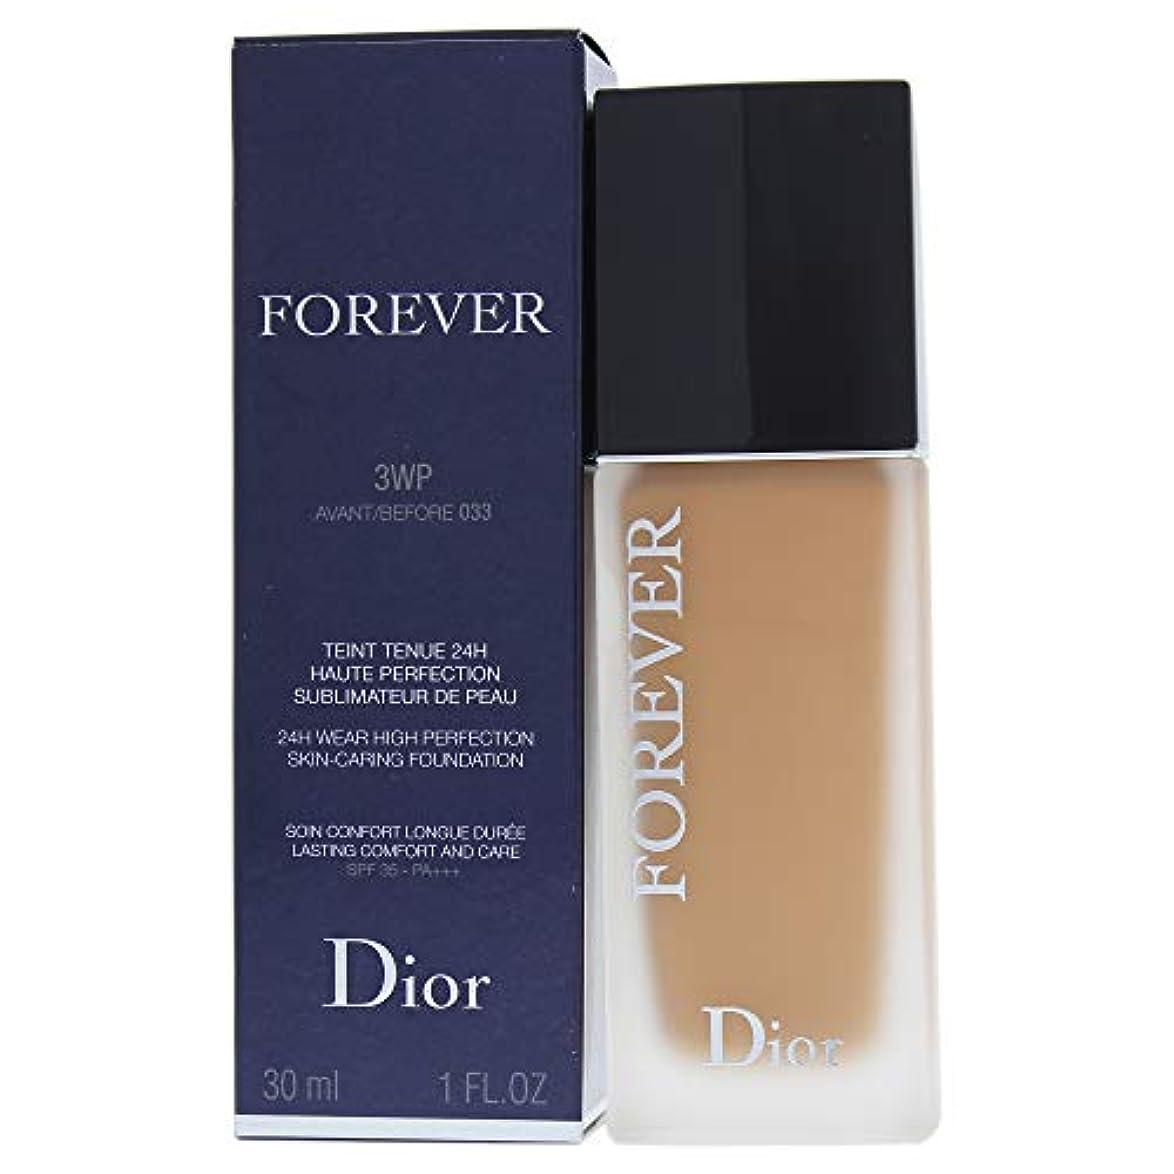 地中海ソフトウェアかりてクリスチャンディオール Dior Forever 24H Wear High Perfection Foundation SPF 35 - # 3WP (Warm Peach) 30ml/1oz並行輸入品